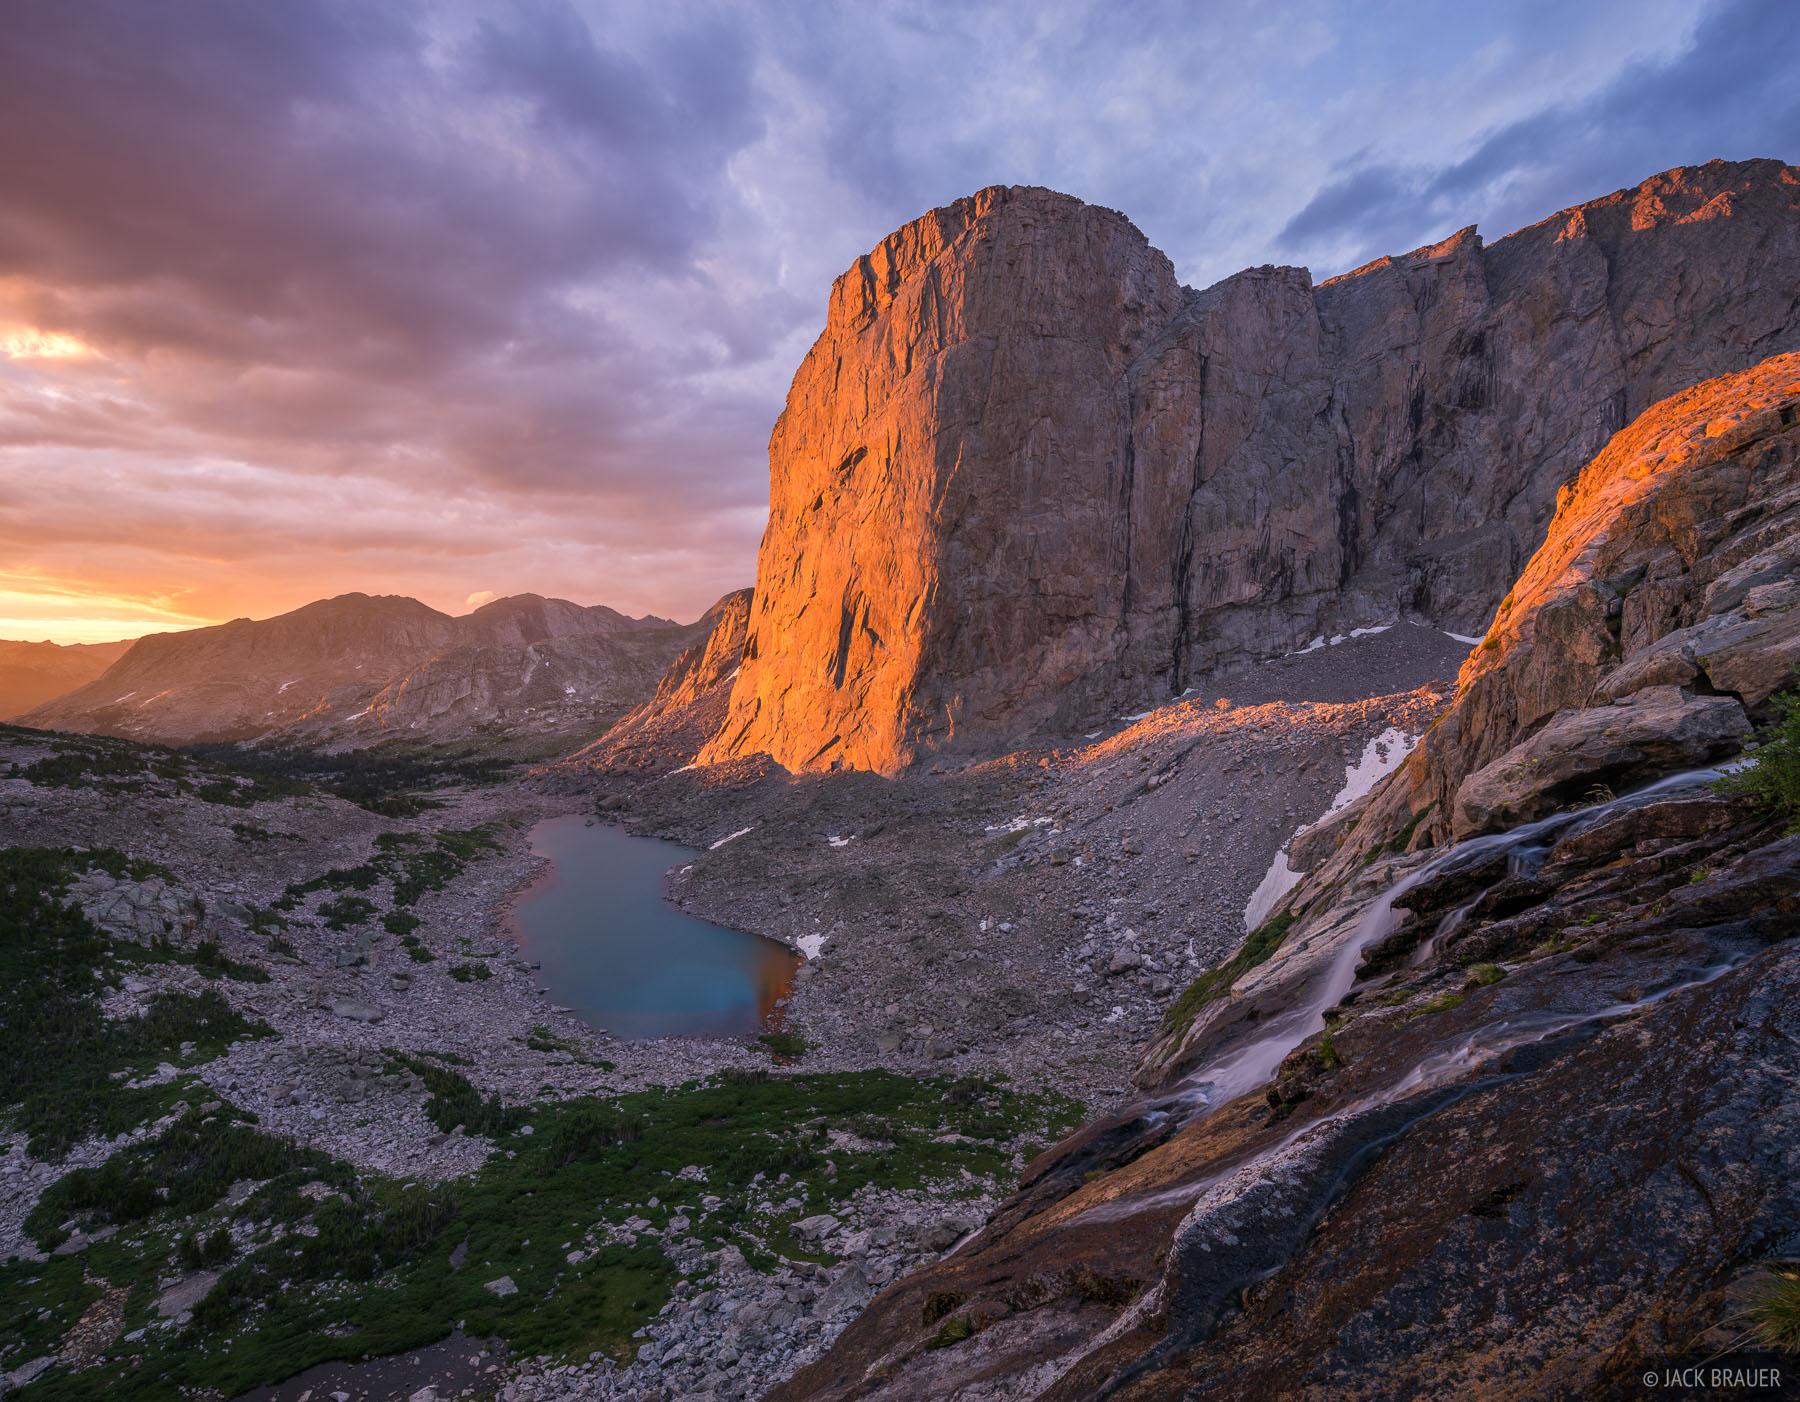 Mount Hooker,Wind River Range,Wyoming, sunrise, photo